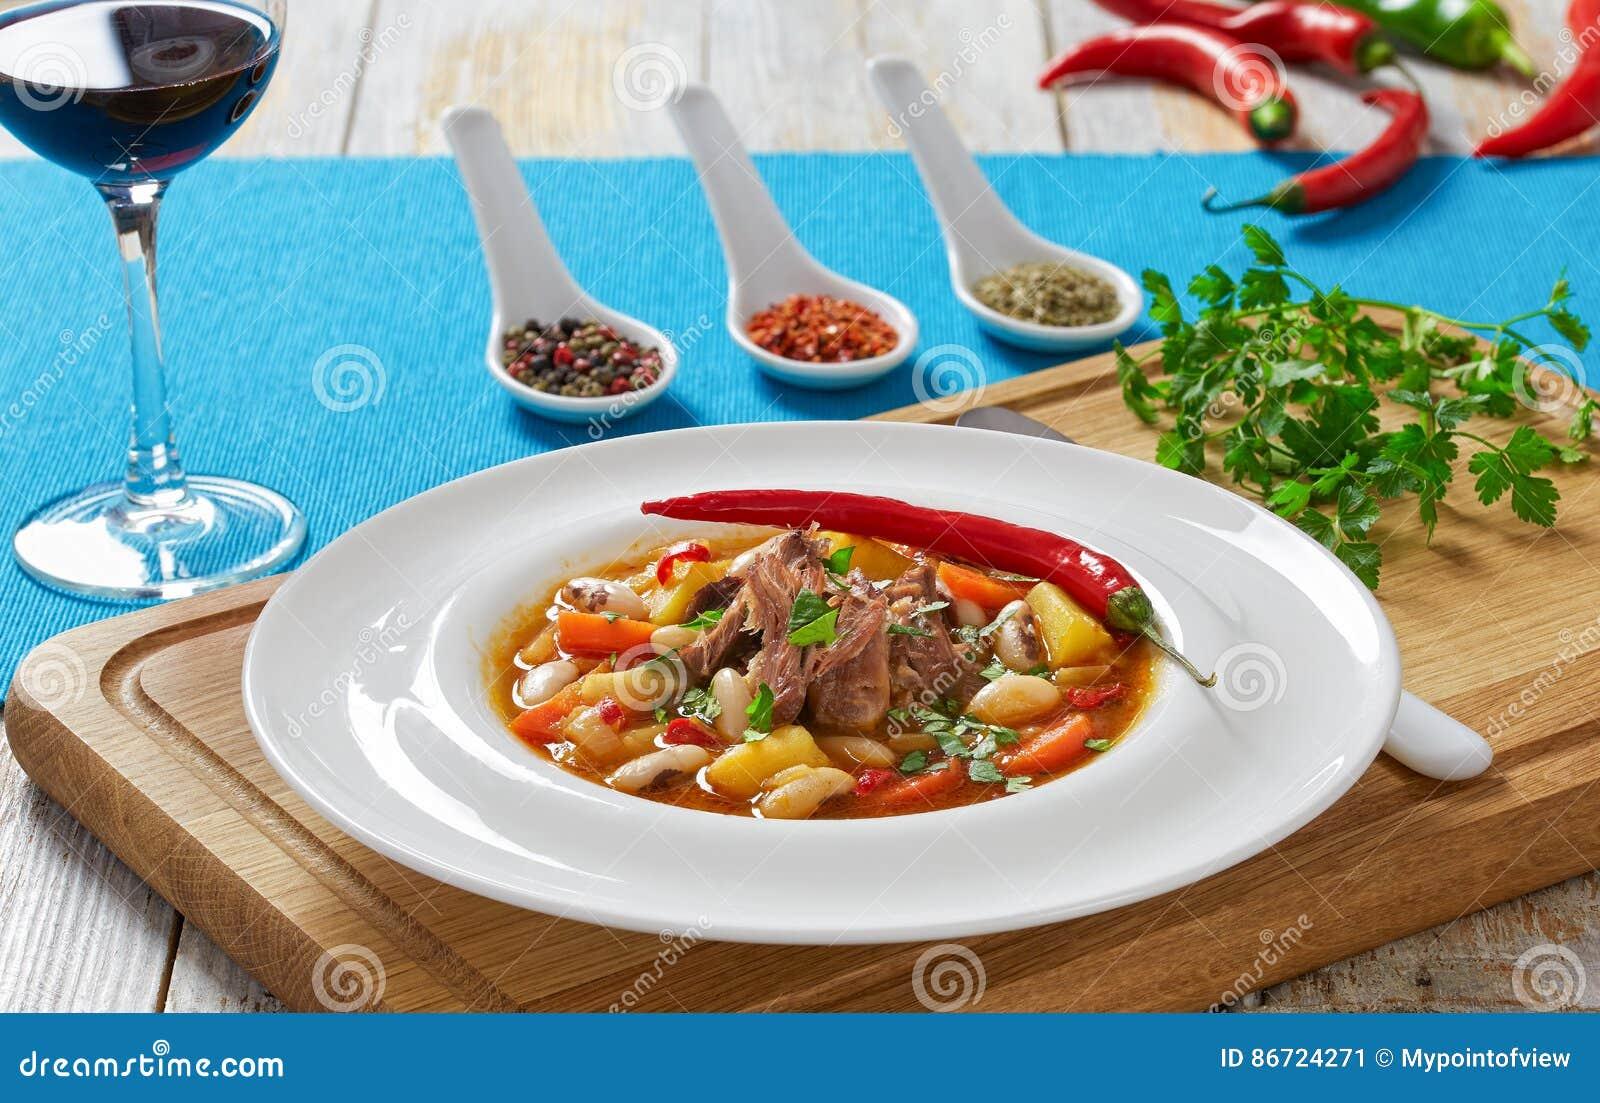 De soep van het ossestaartvlees met wortelgewassen, bonen